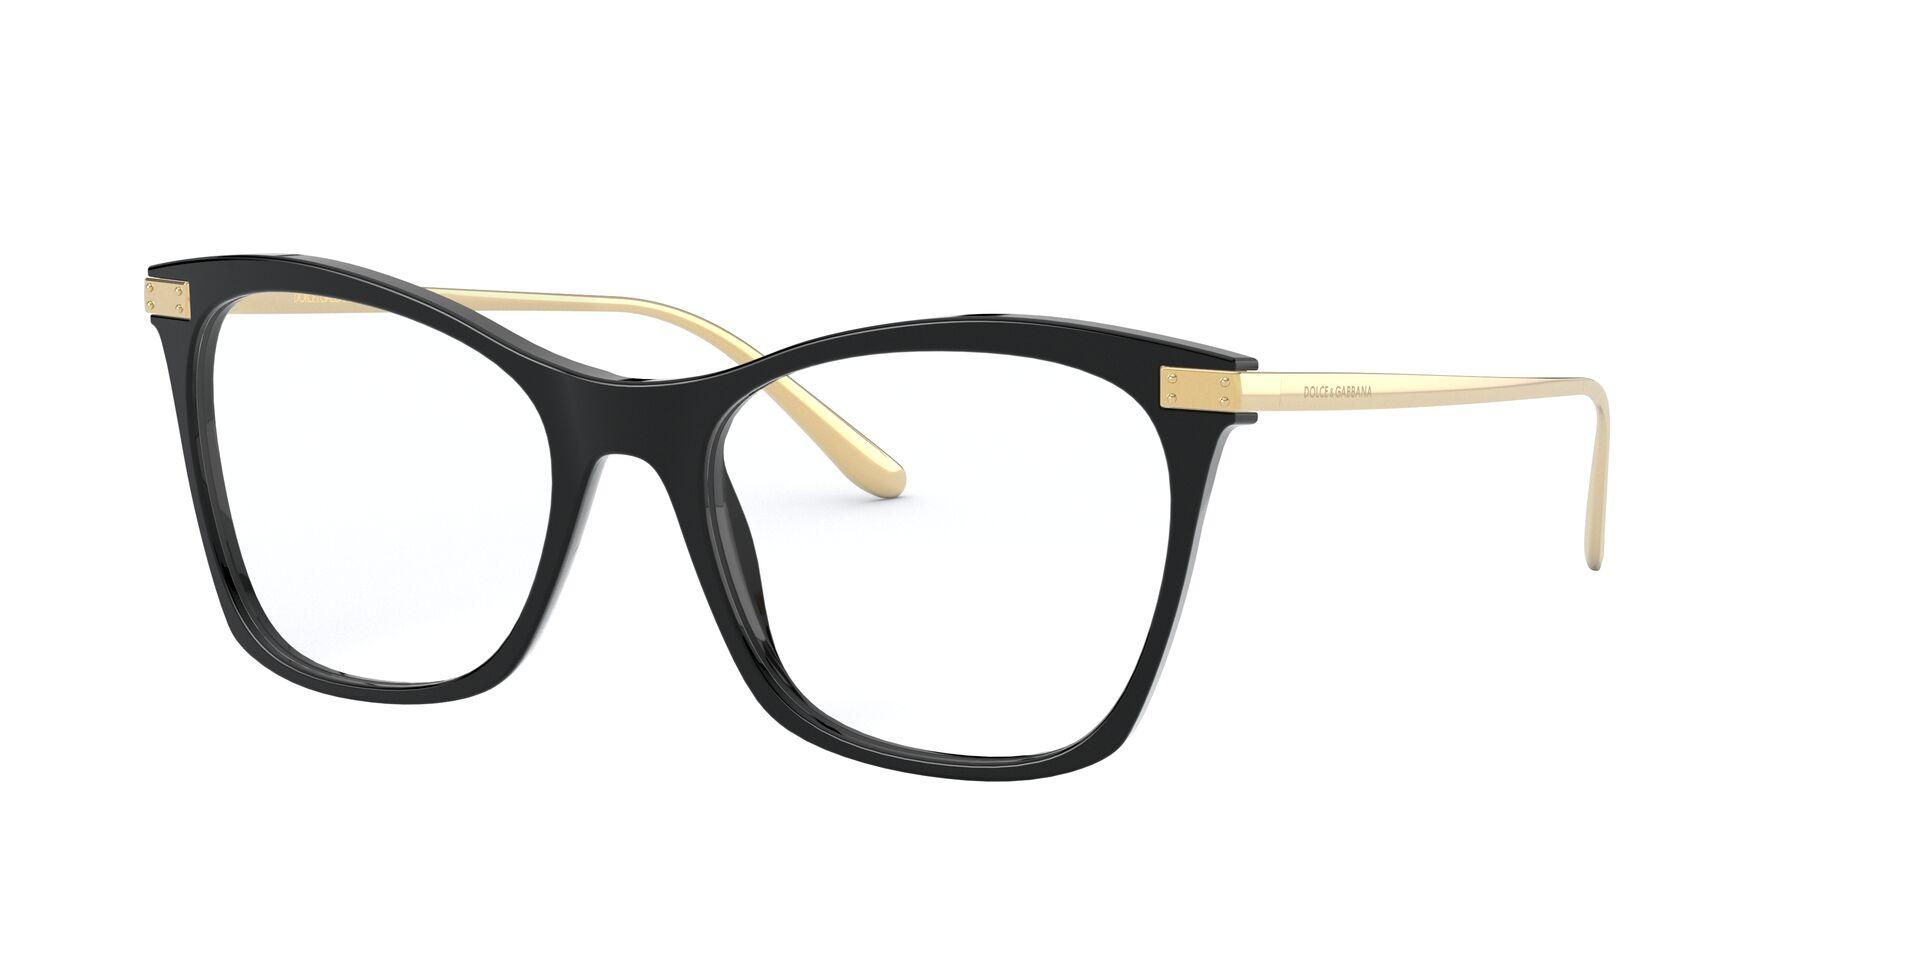 Dolce & Gabbana DG3331 501 54